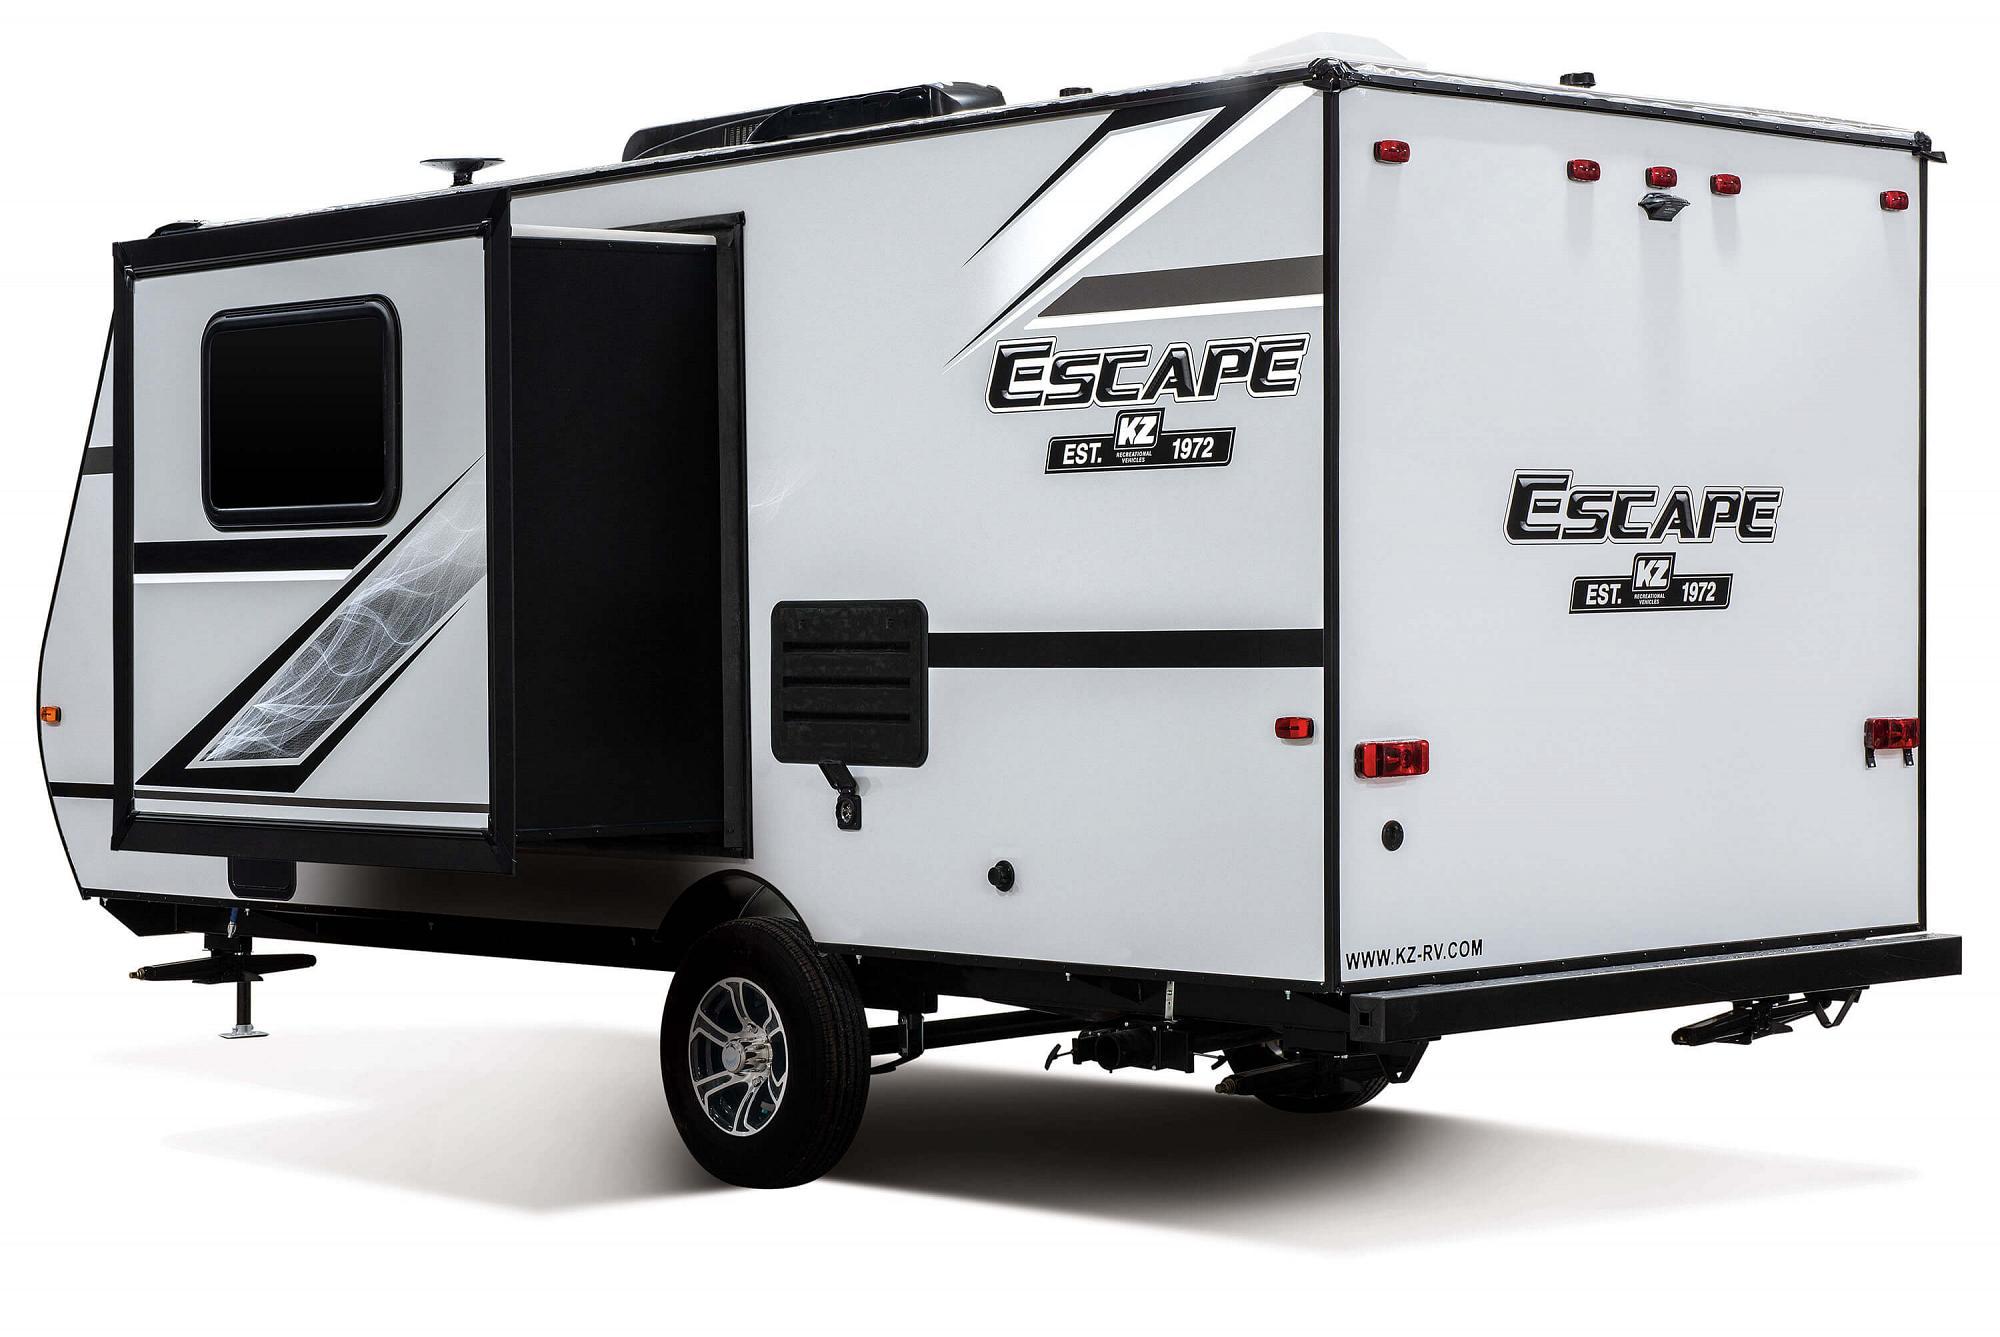 2020 KZ ESCAPE E191BH full